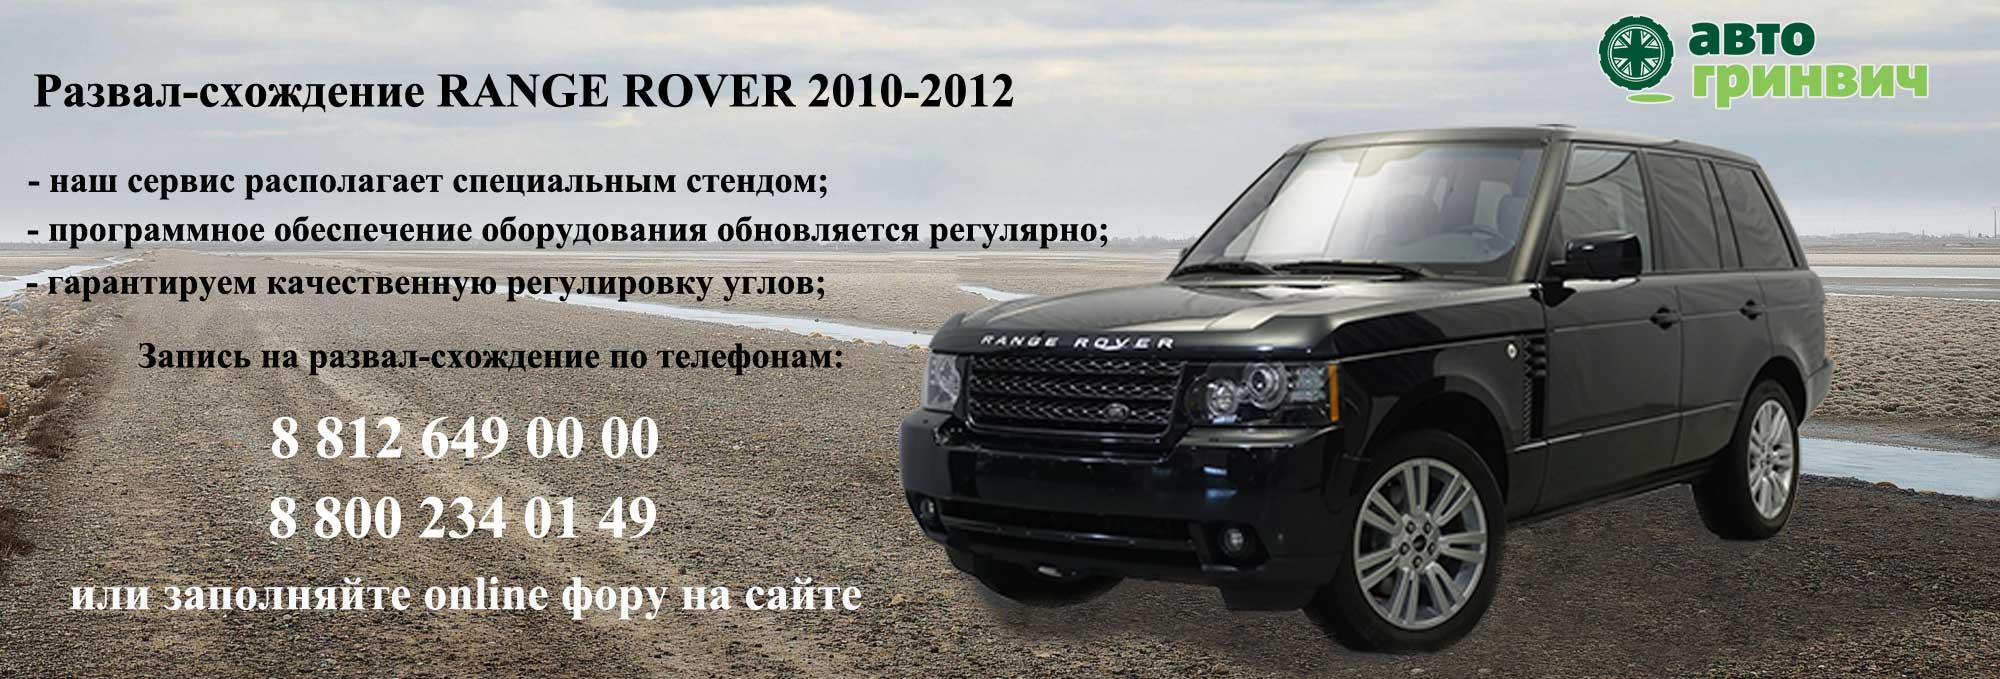 Развал-схождение Range Rover 2010-2012